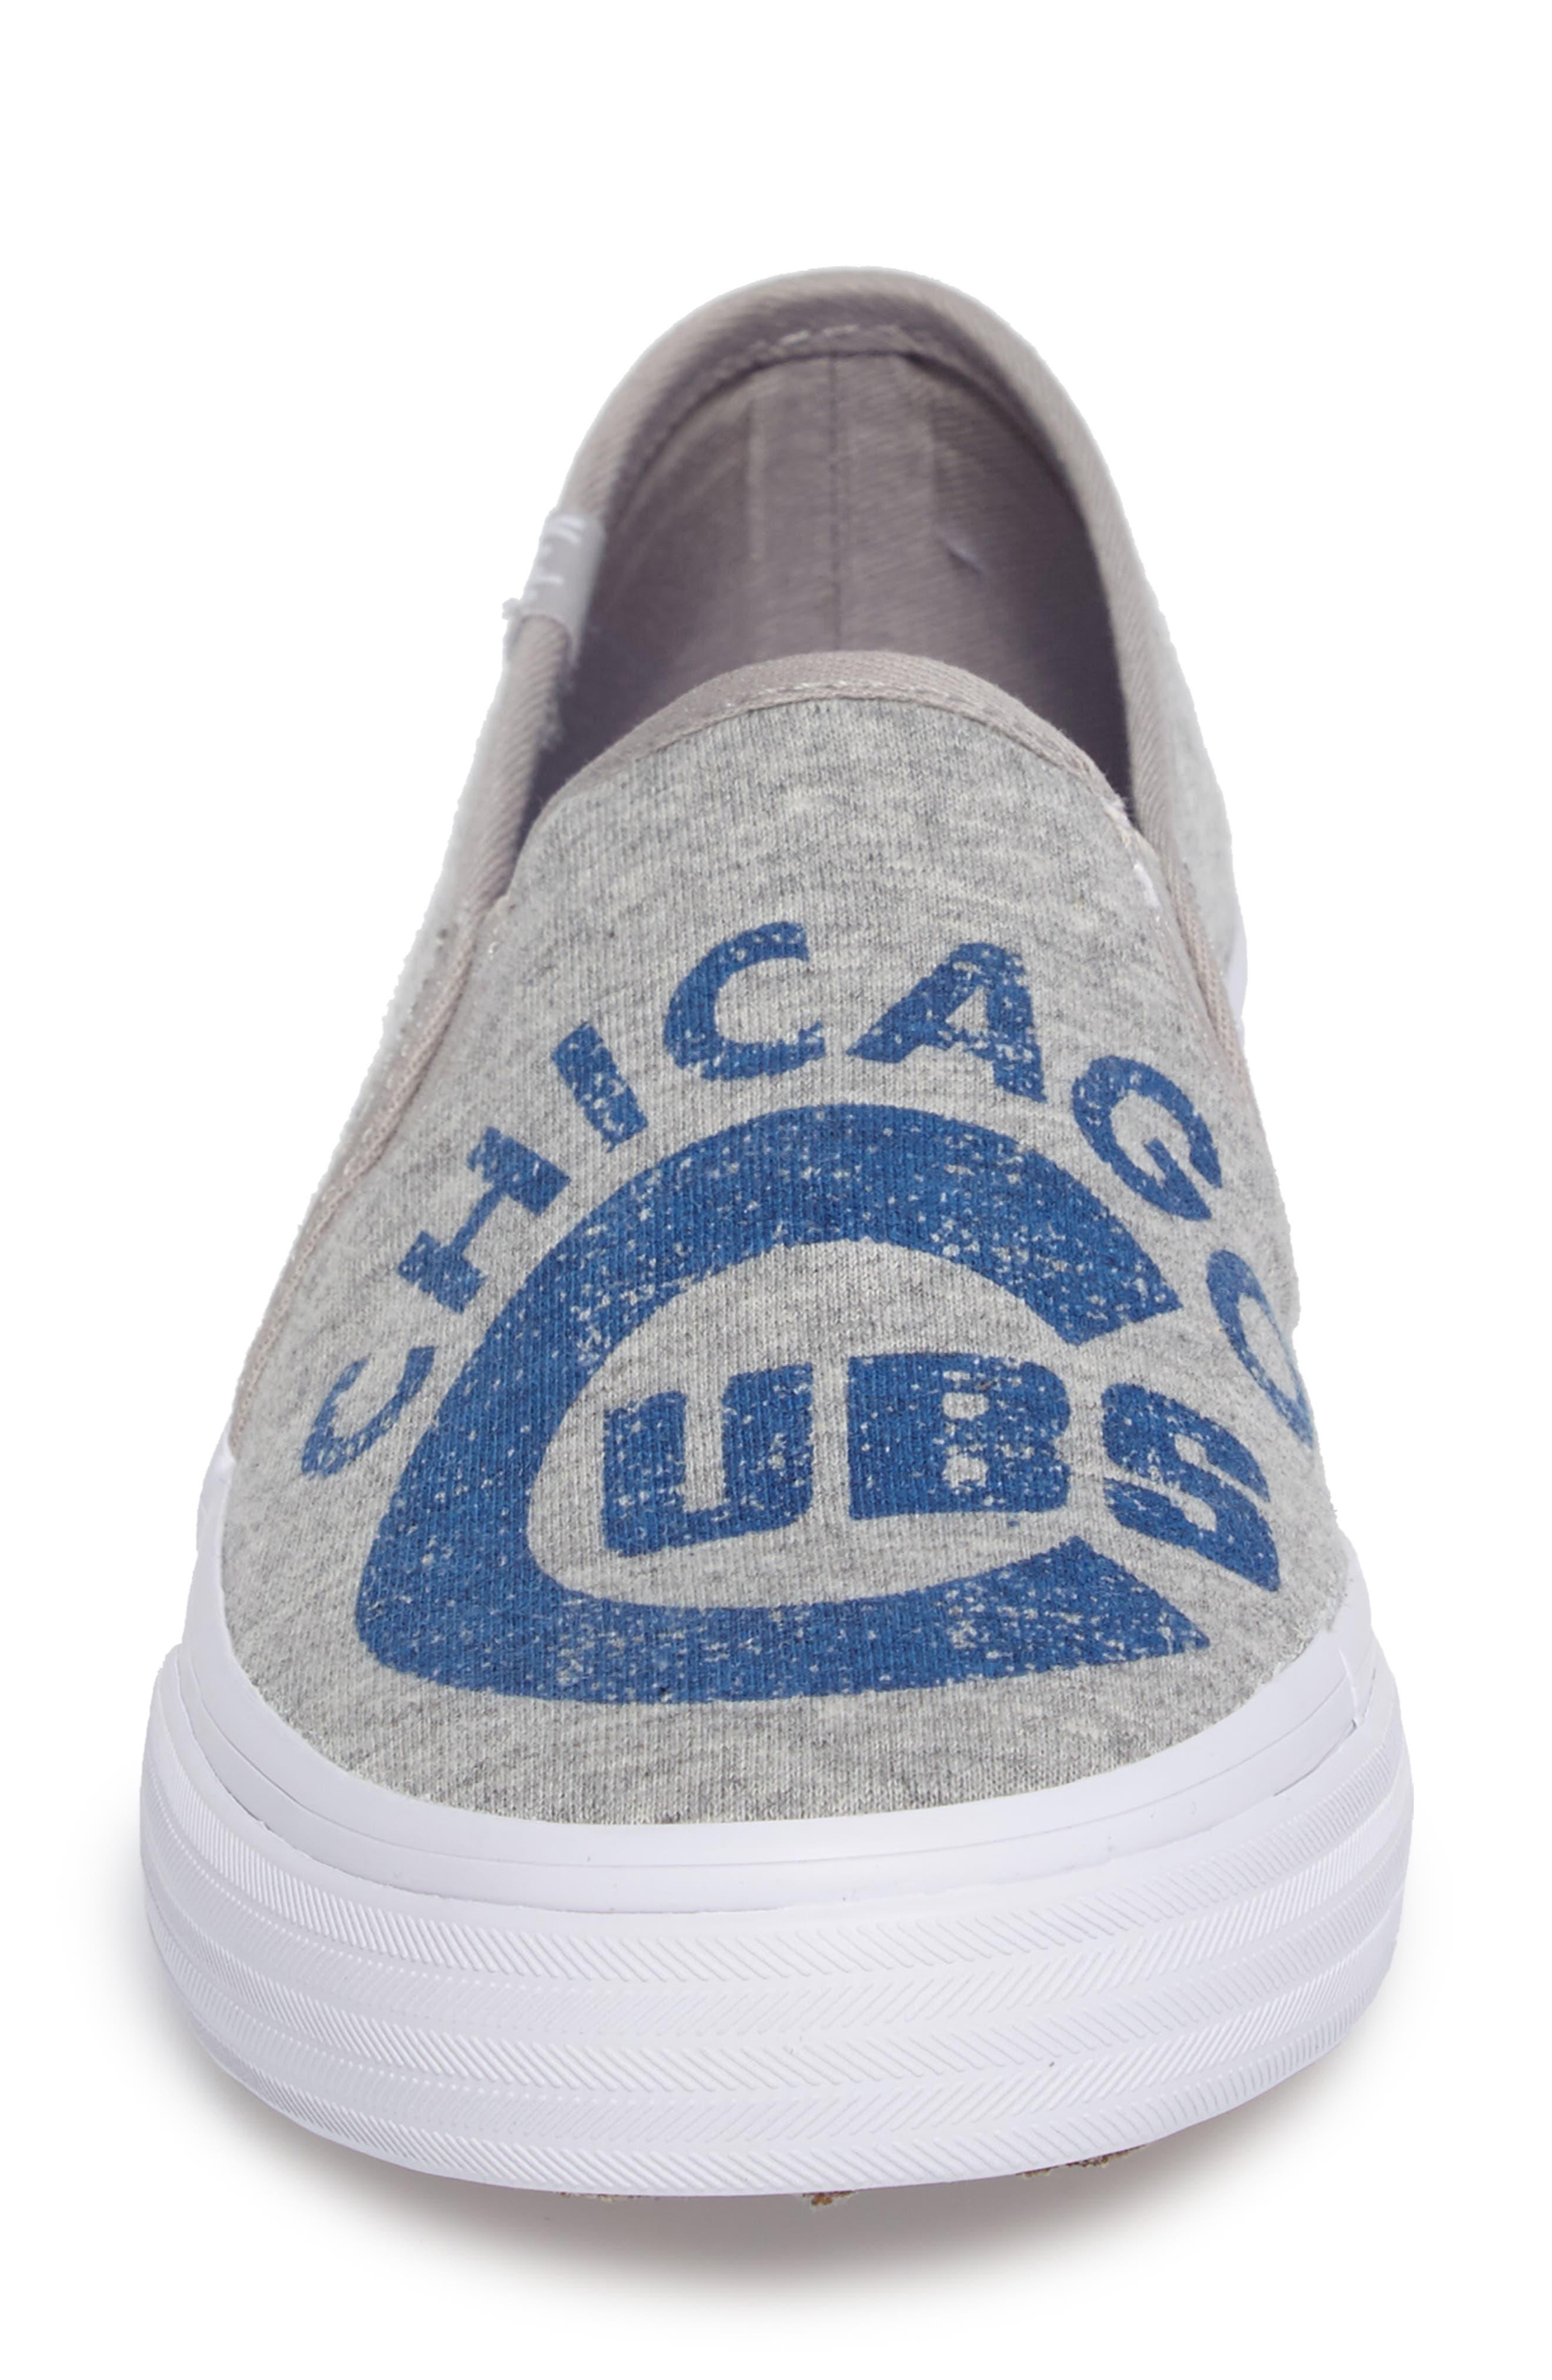 Double Decker Baseball Team Jersey Slip-On Sneaker,                             Alternate thumbnail 4, color,                             Light Grey